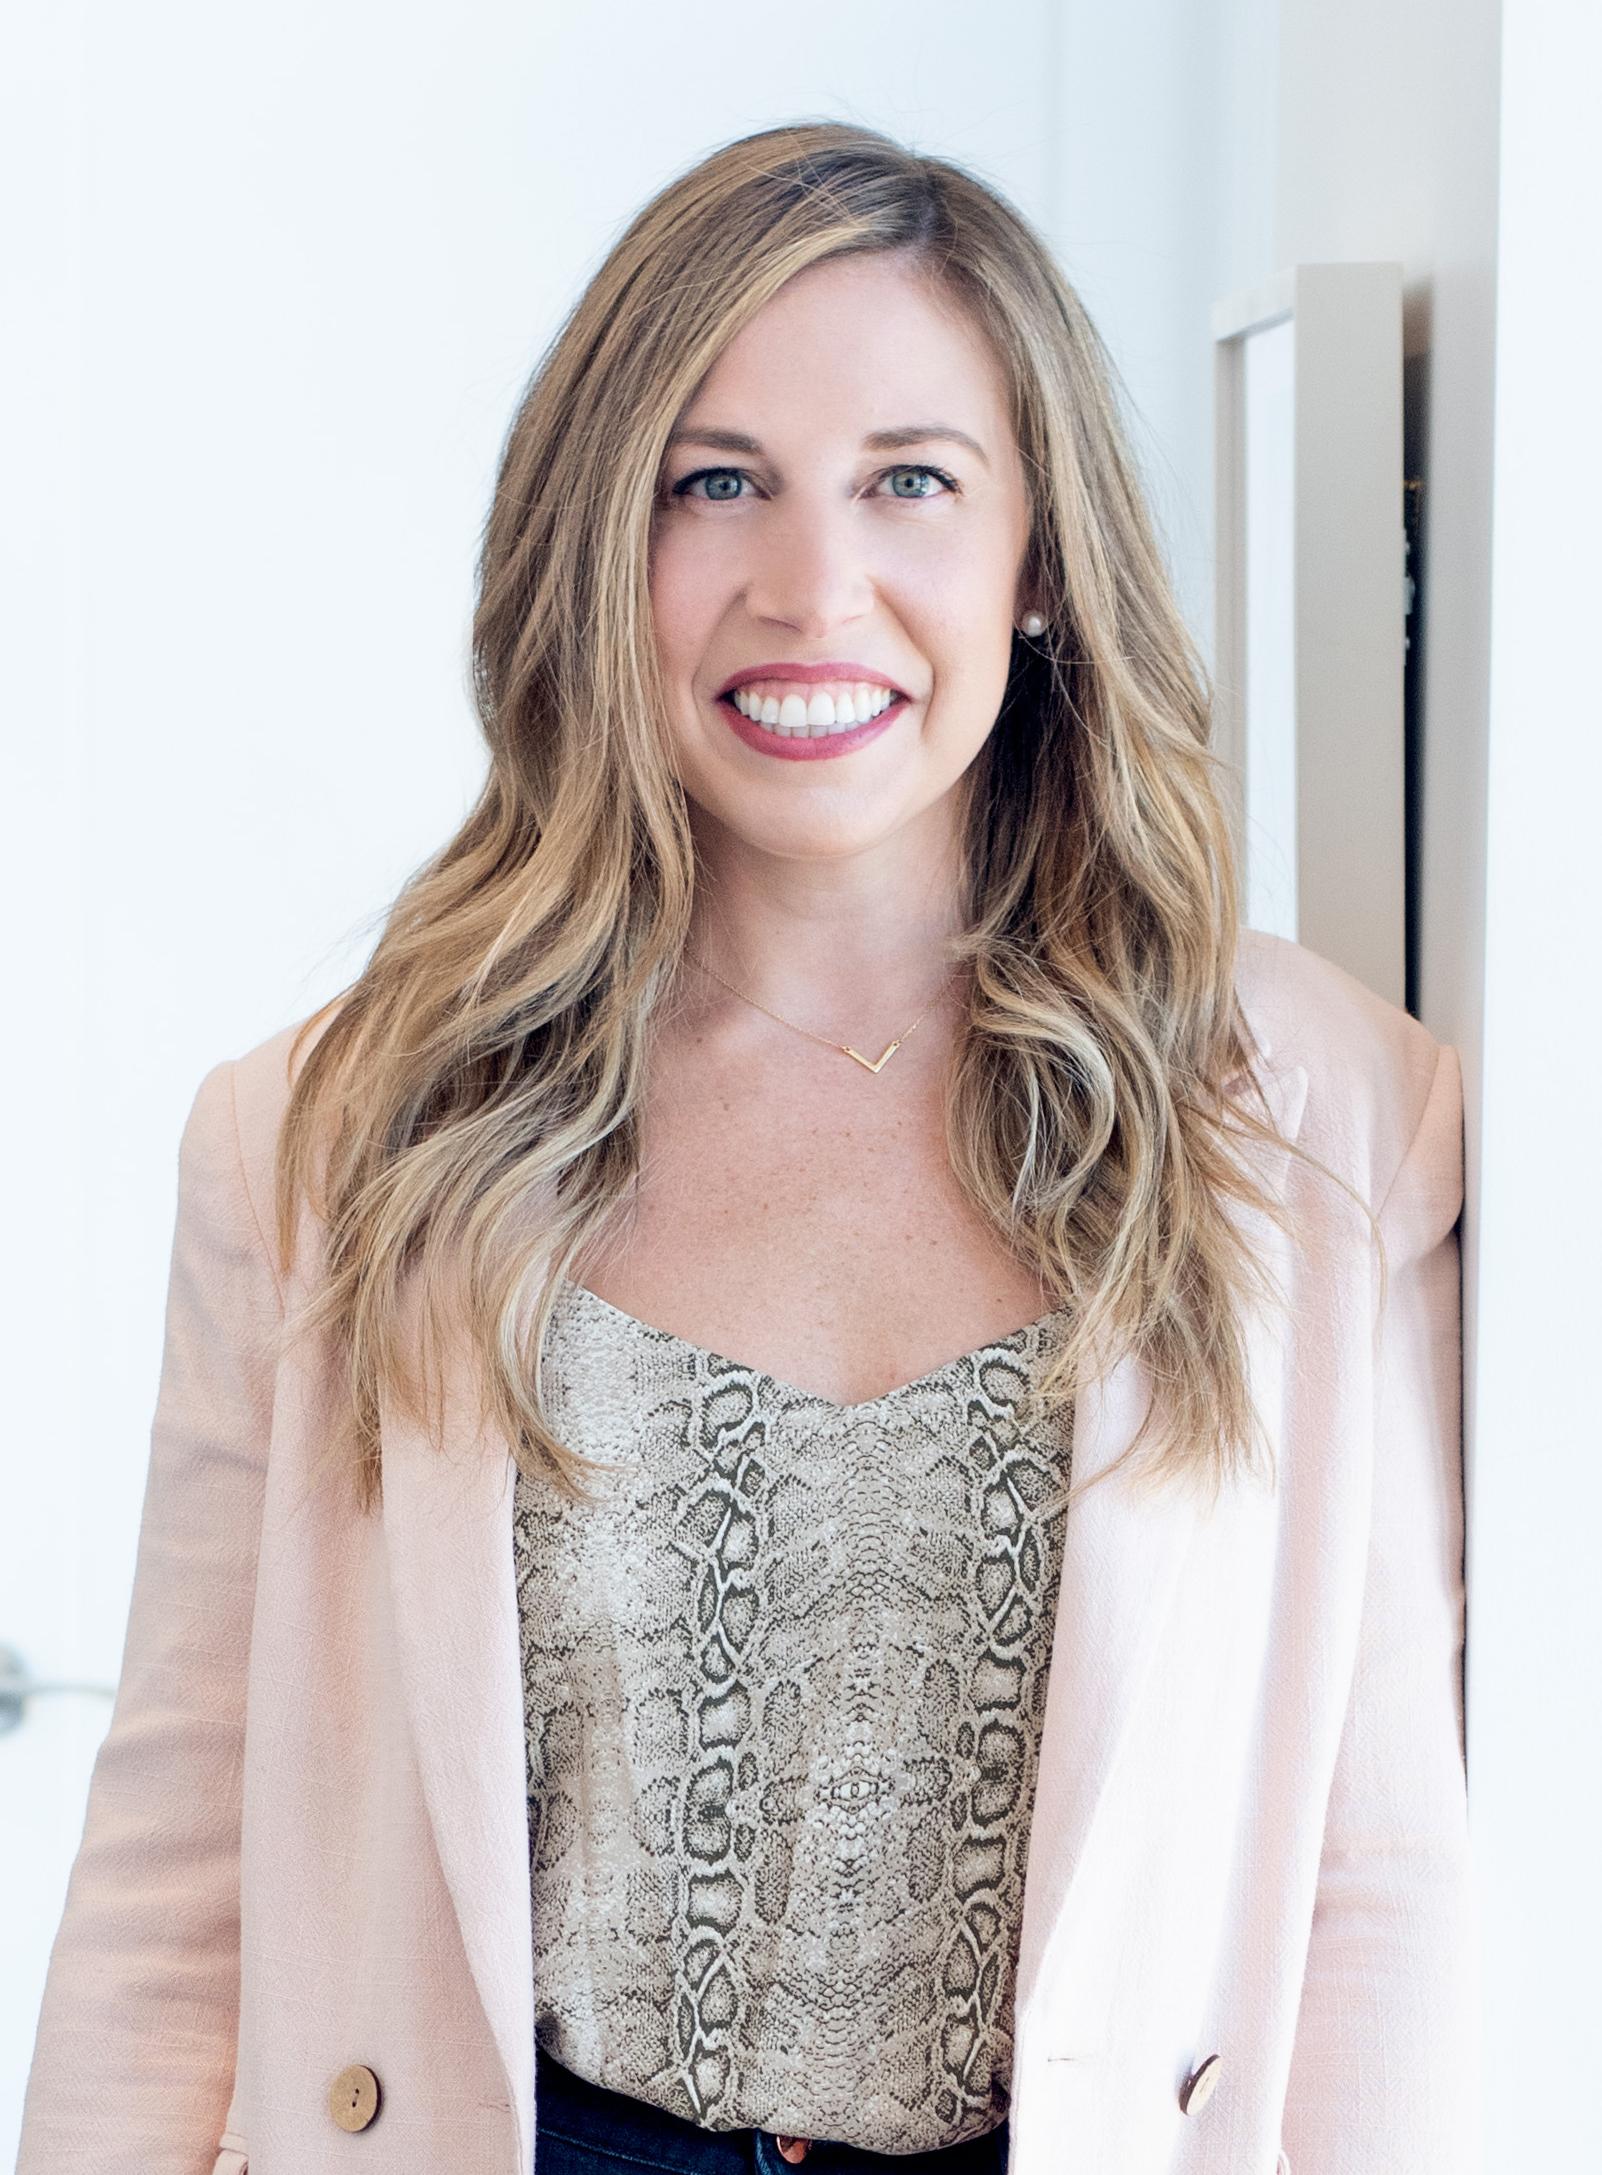 Kelsey Mayher